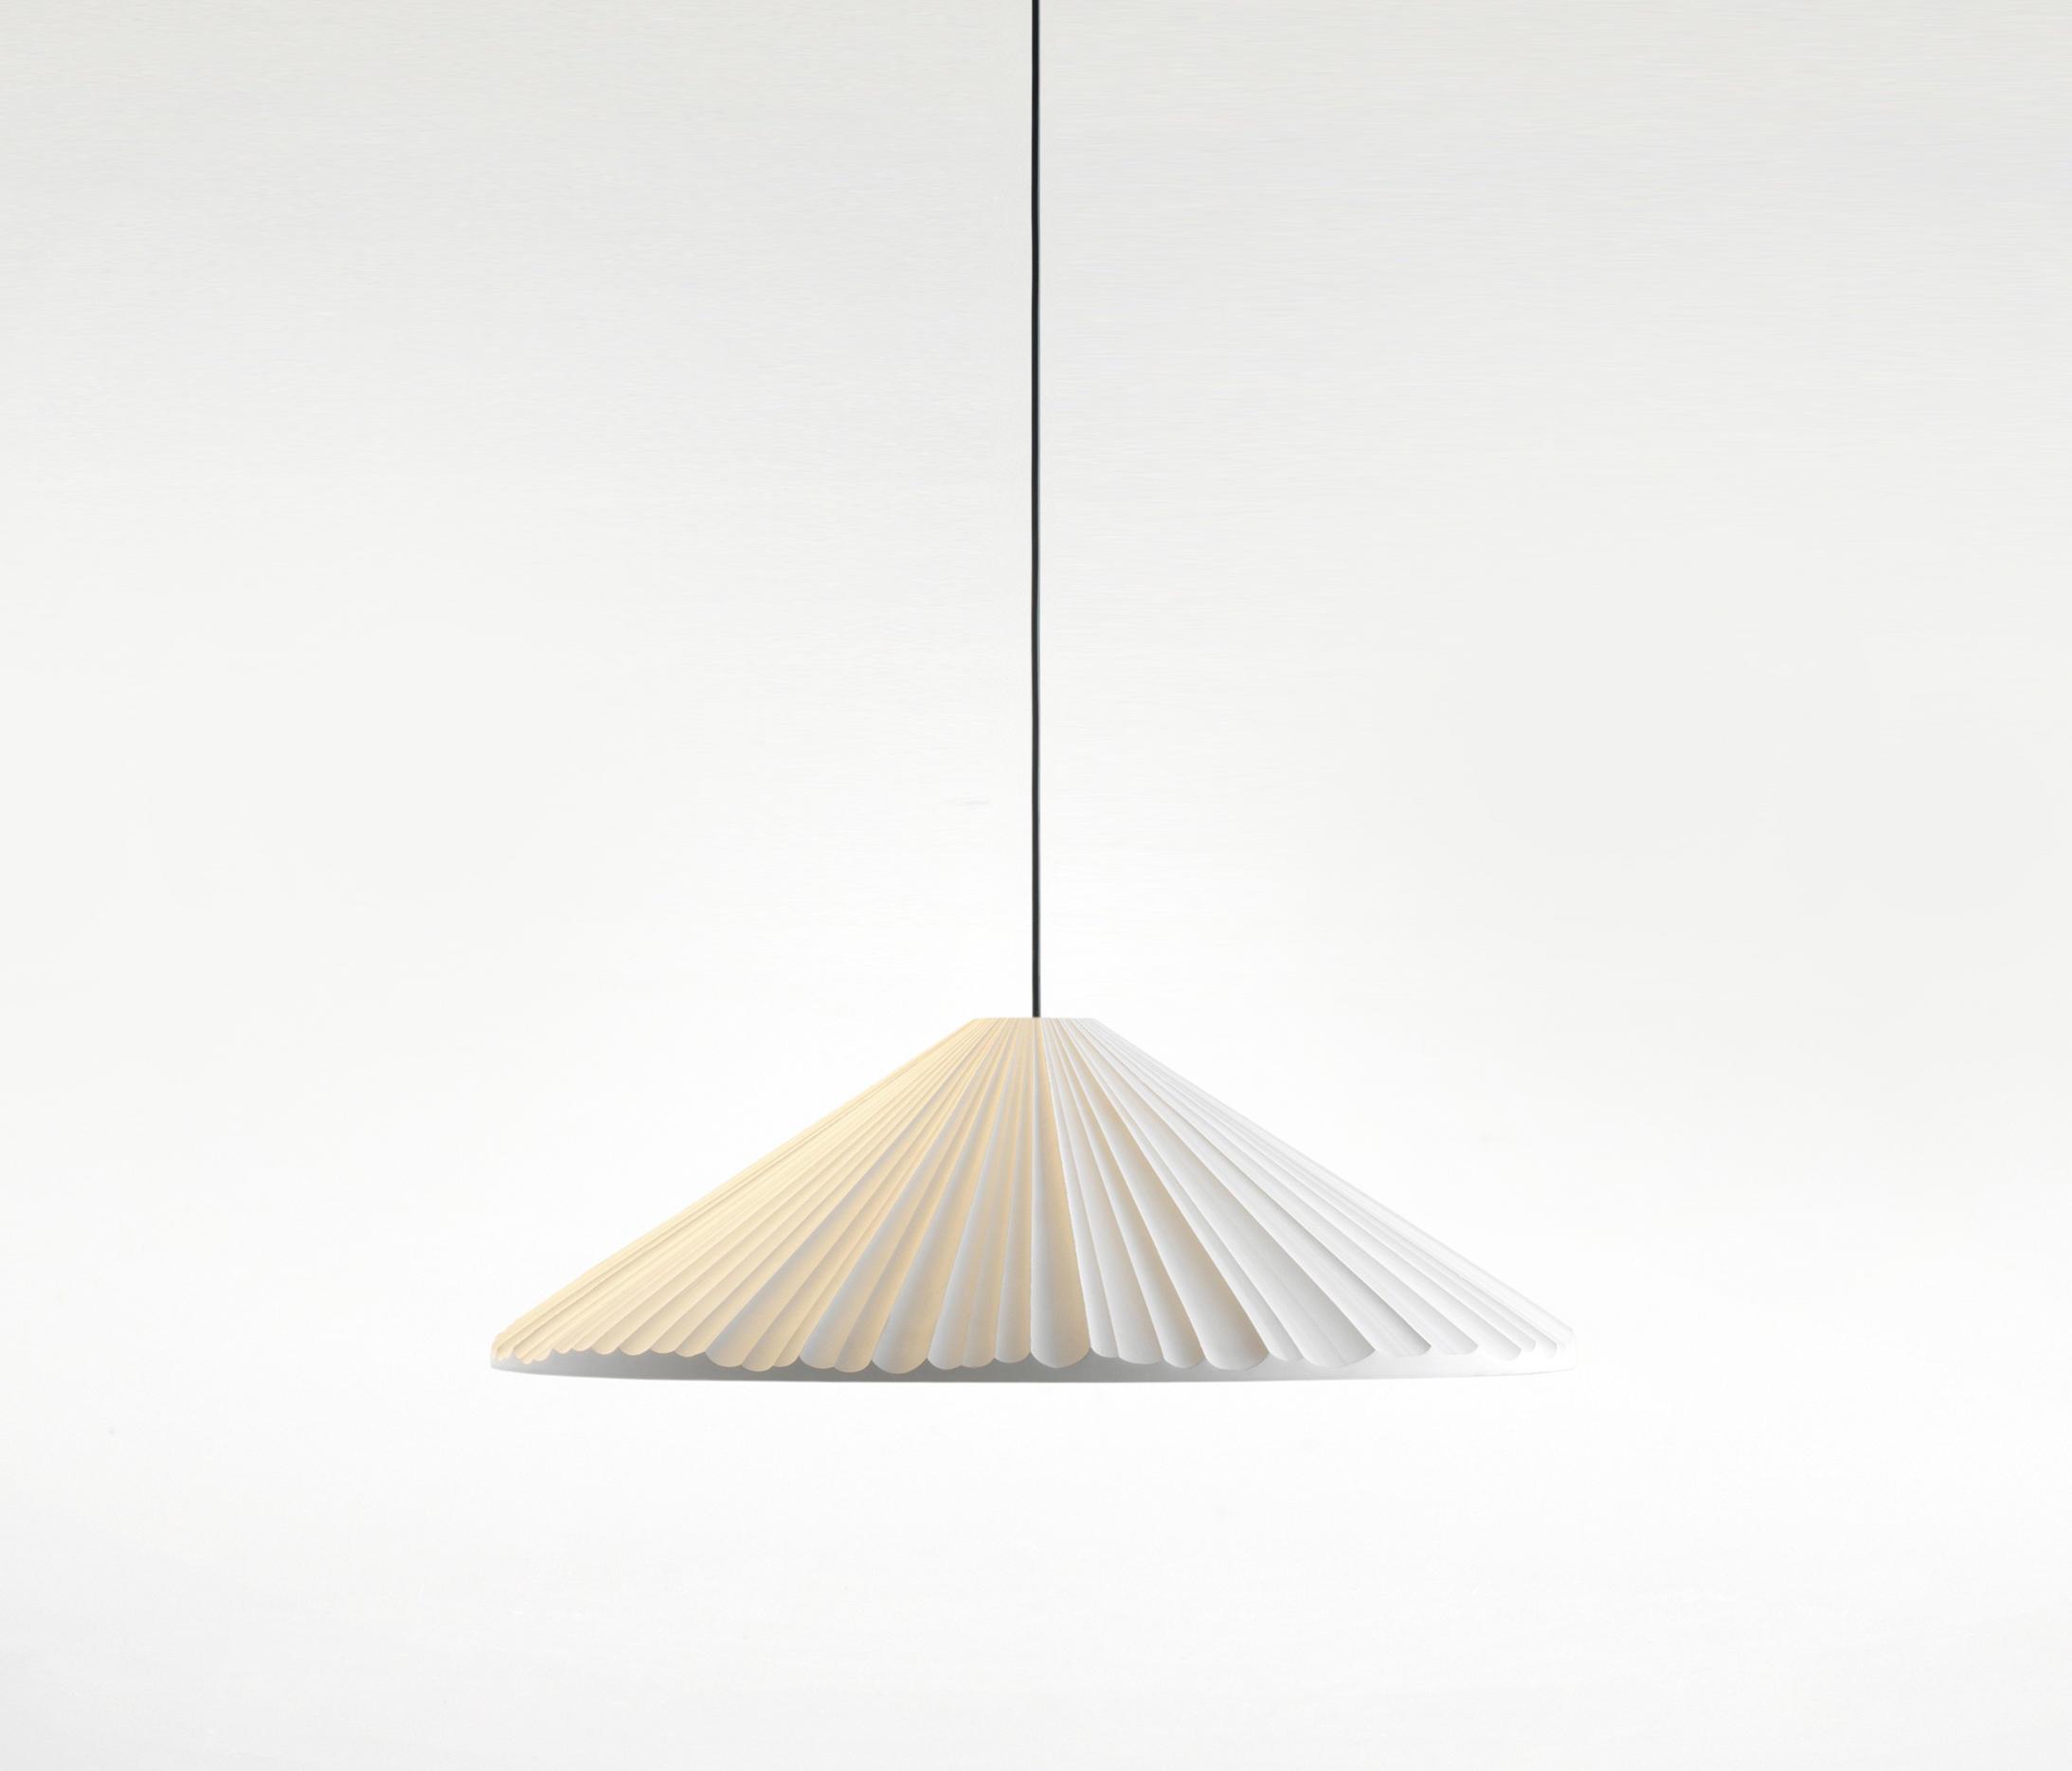 Pu-Ehr Lámpara colgante 21 LED 4W Burdeos -Blanco